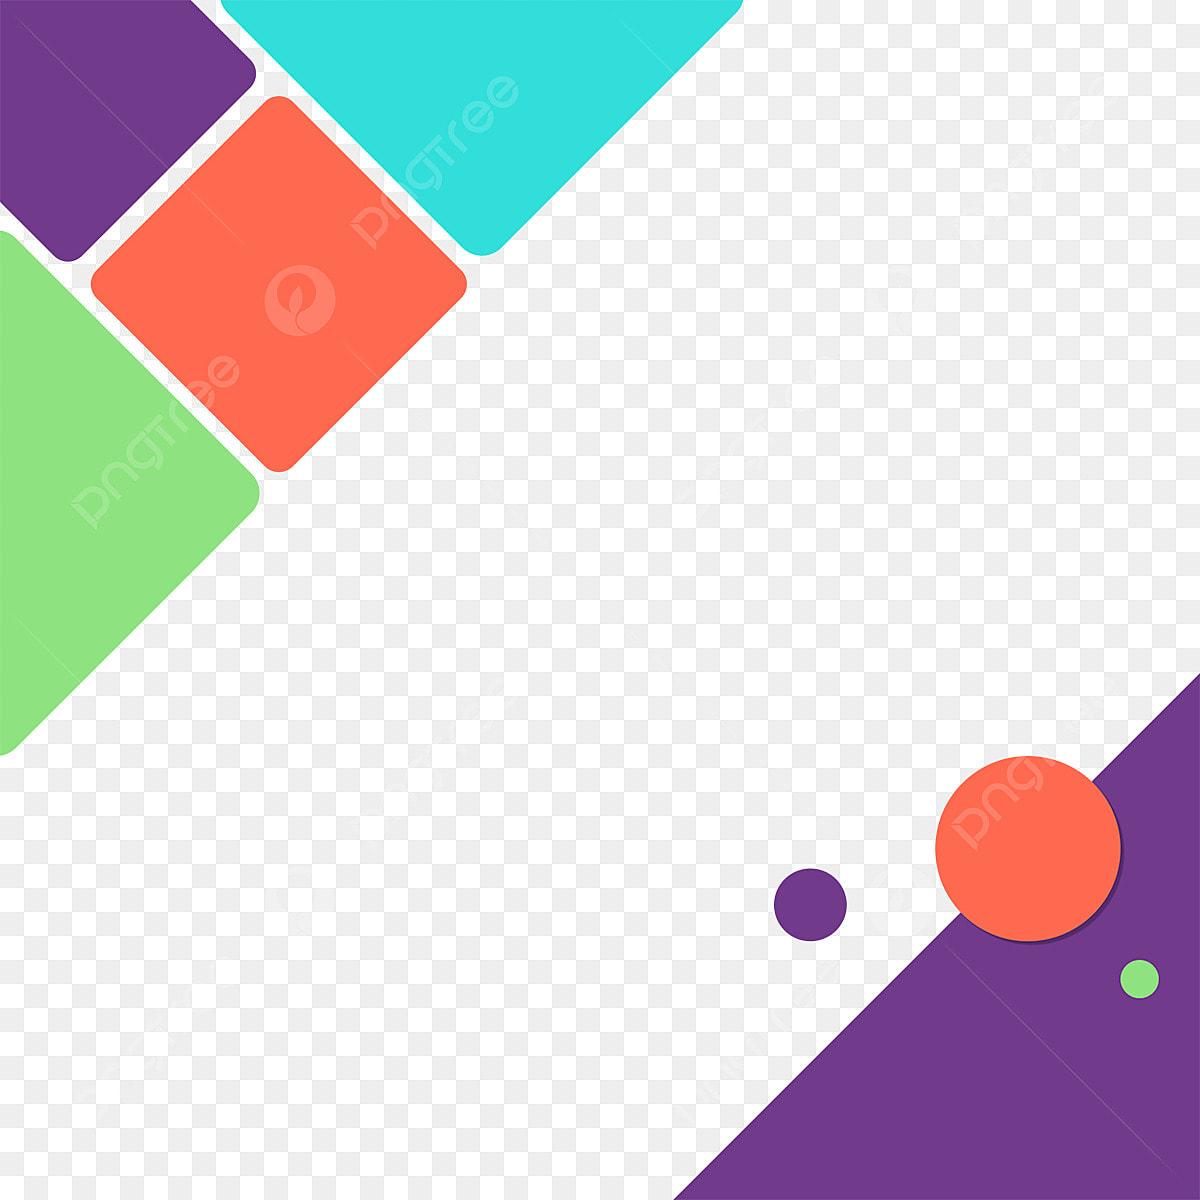 شكل هندسي مجردة نبذة مختصرة هندسي الأشكال Png وملف Psd للتحميل مجانا